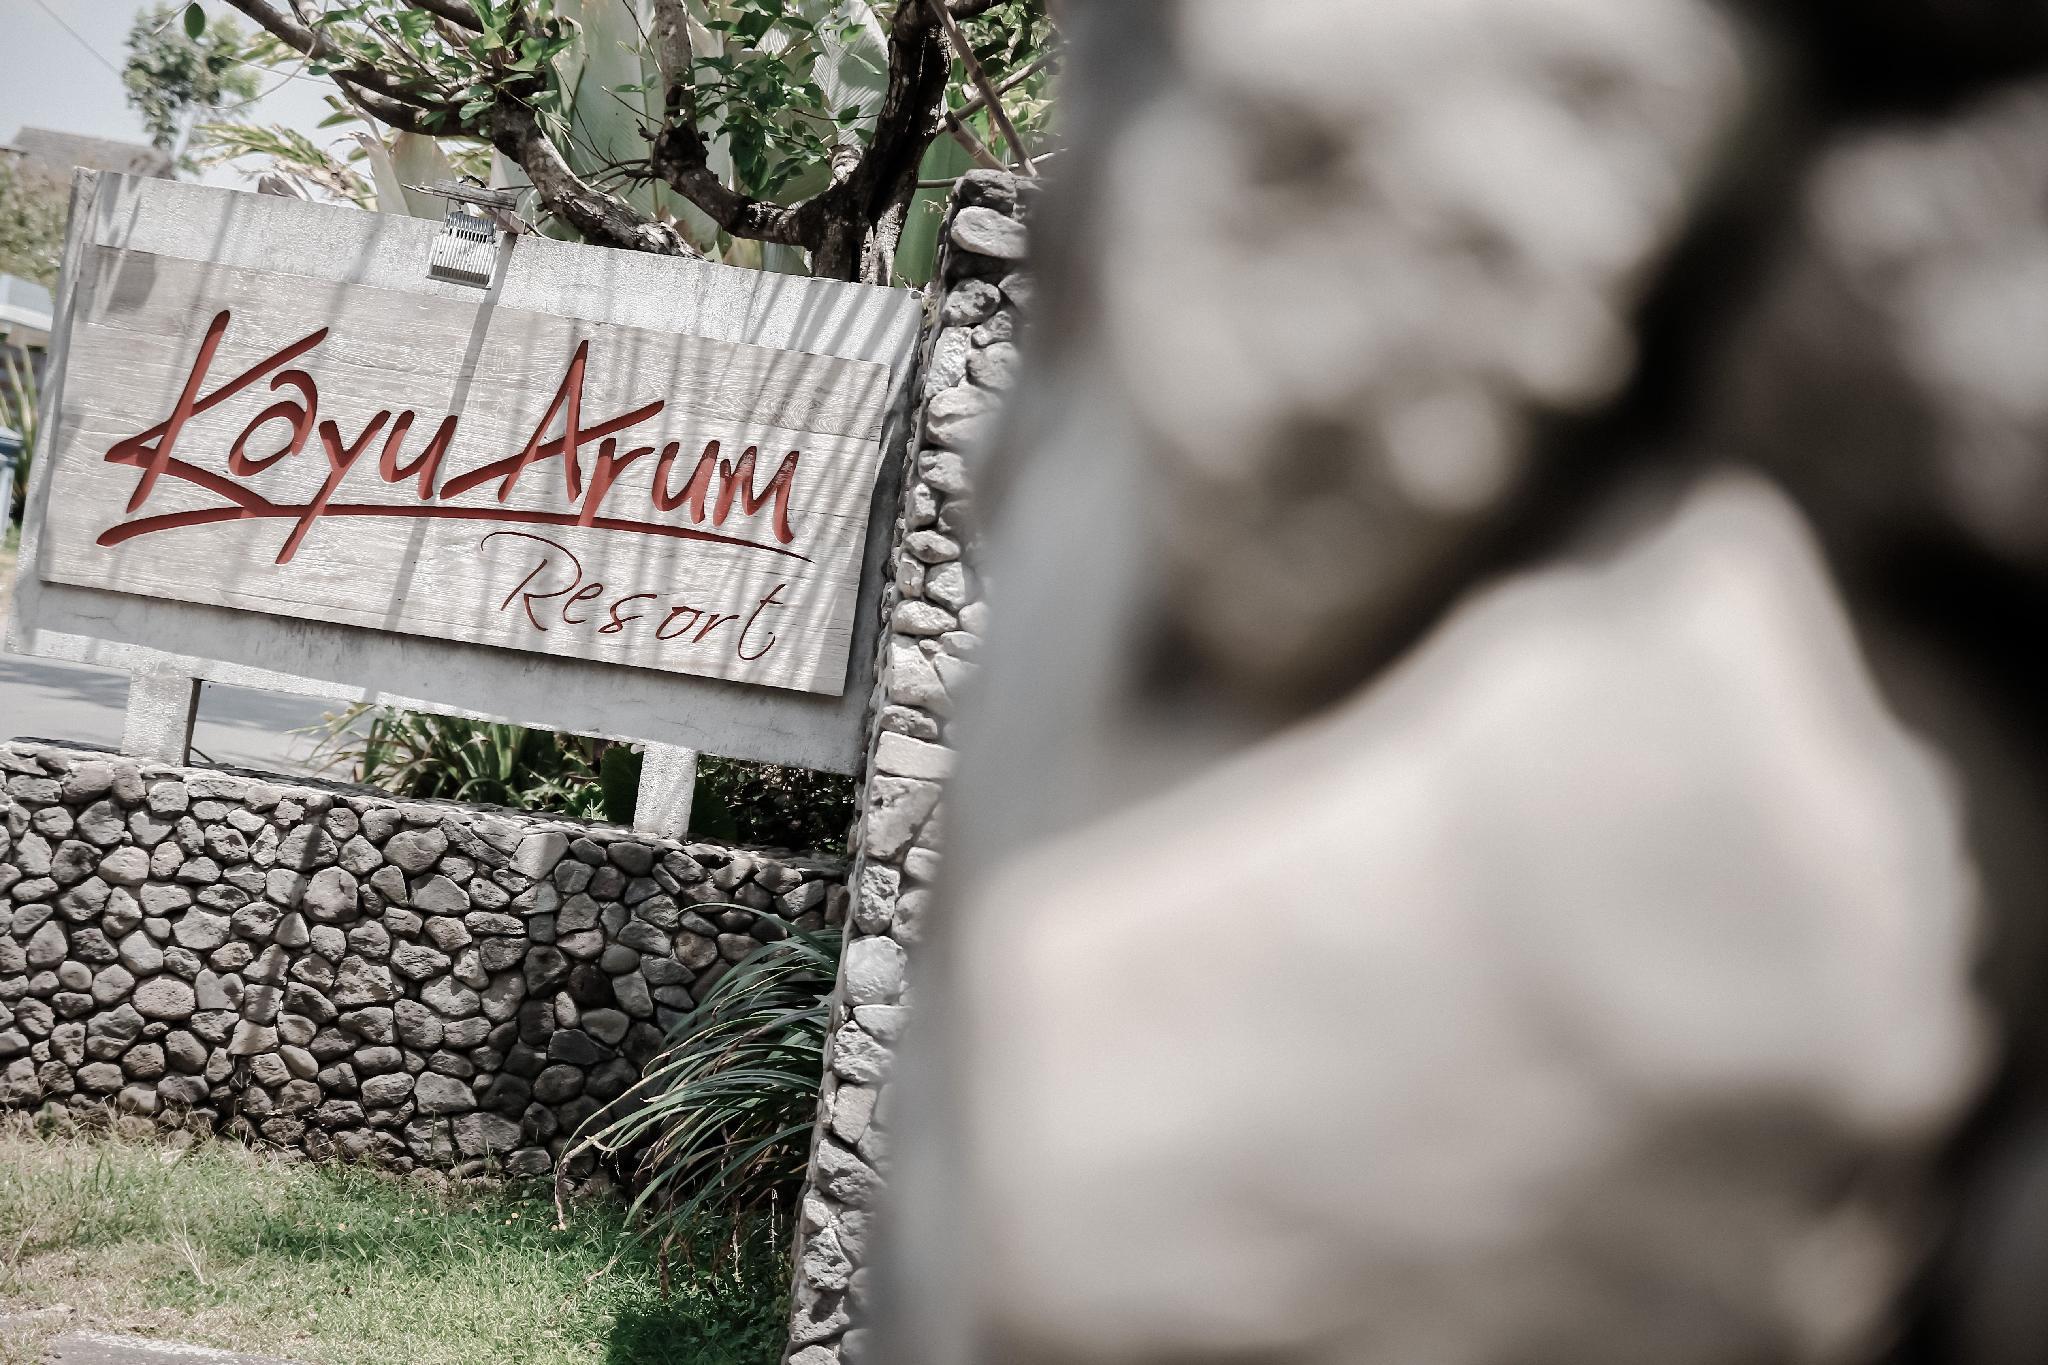 Kayu Arum Resort